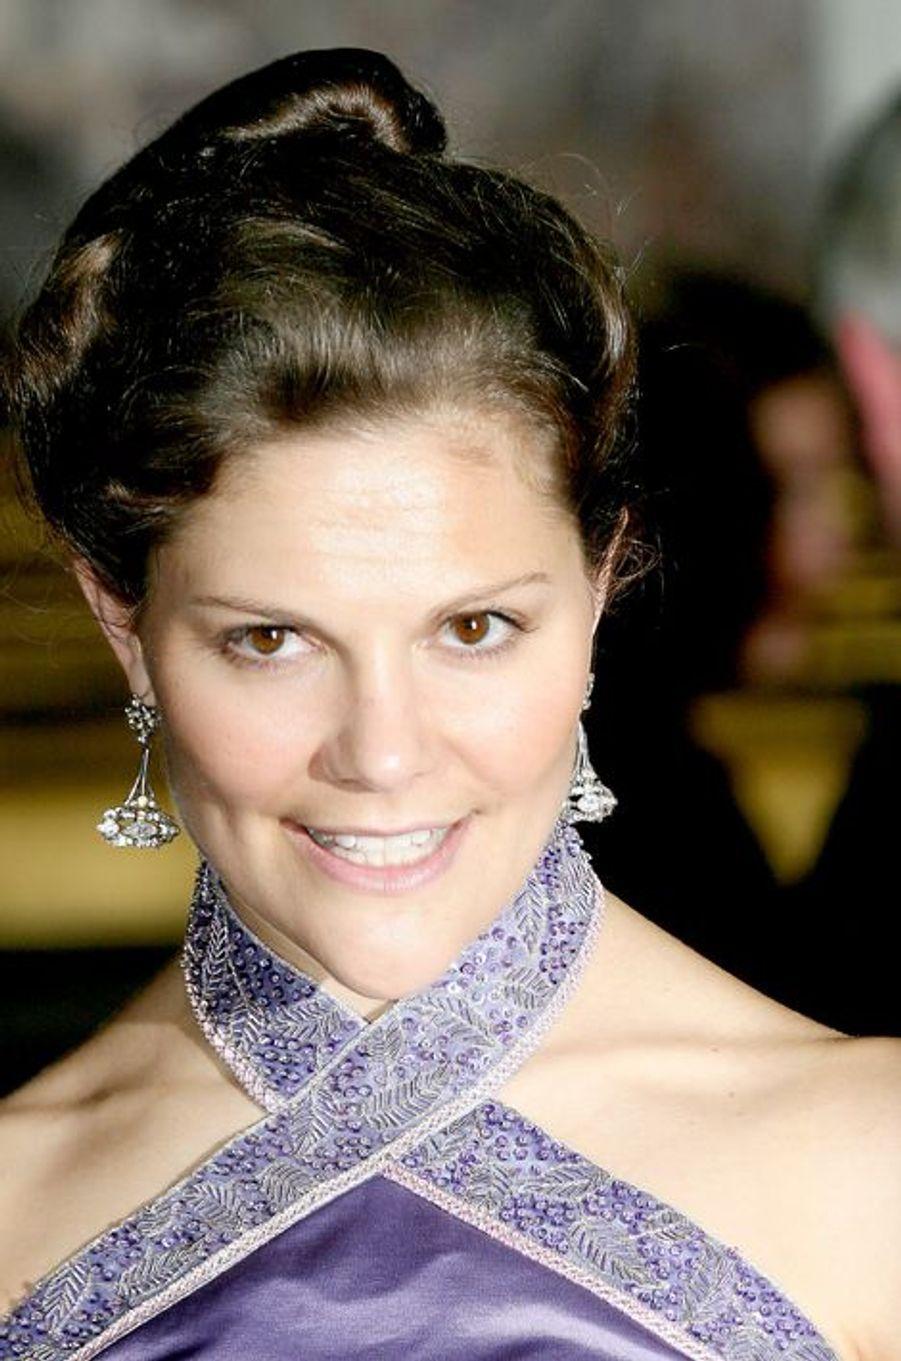 La princesse Victoria de Suède au château de Versailles, le 4 décembre 2006